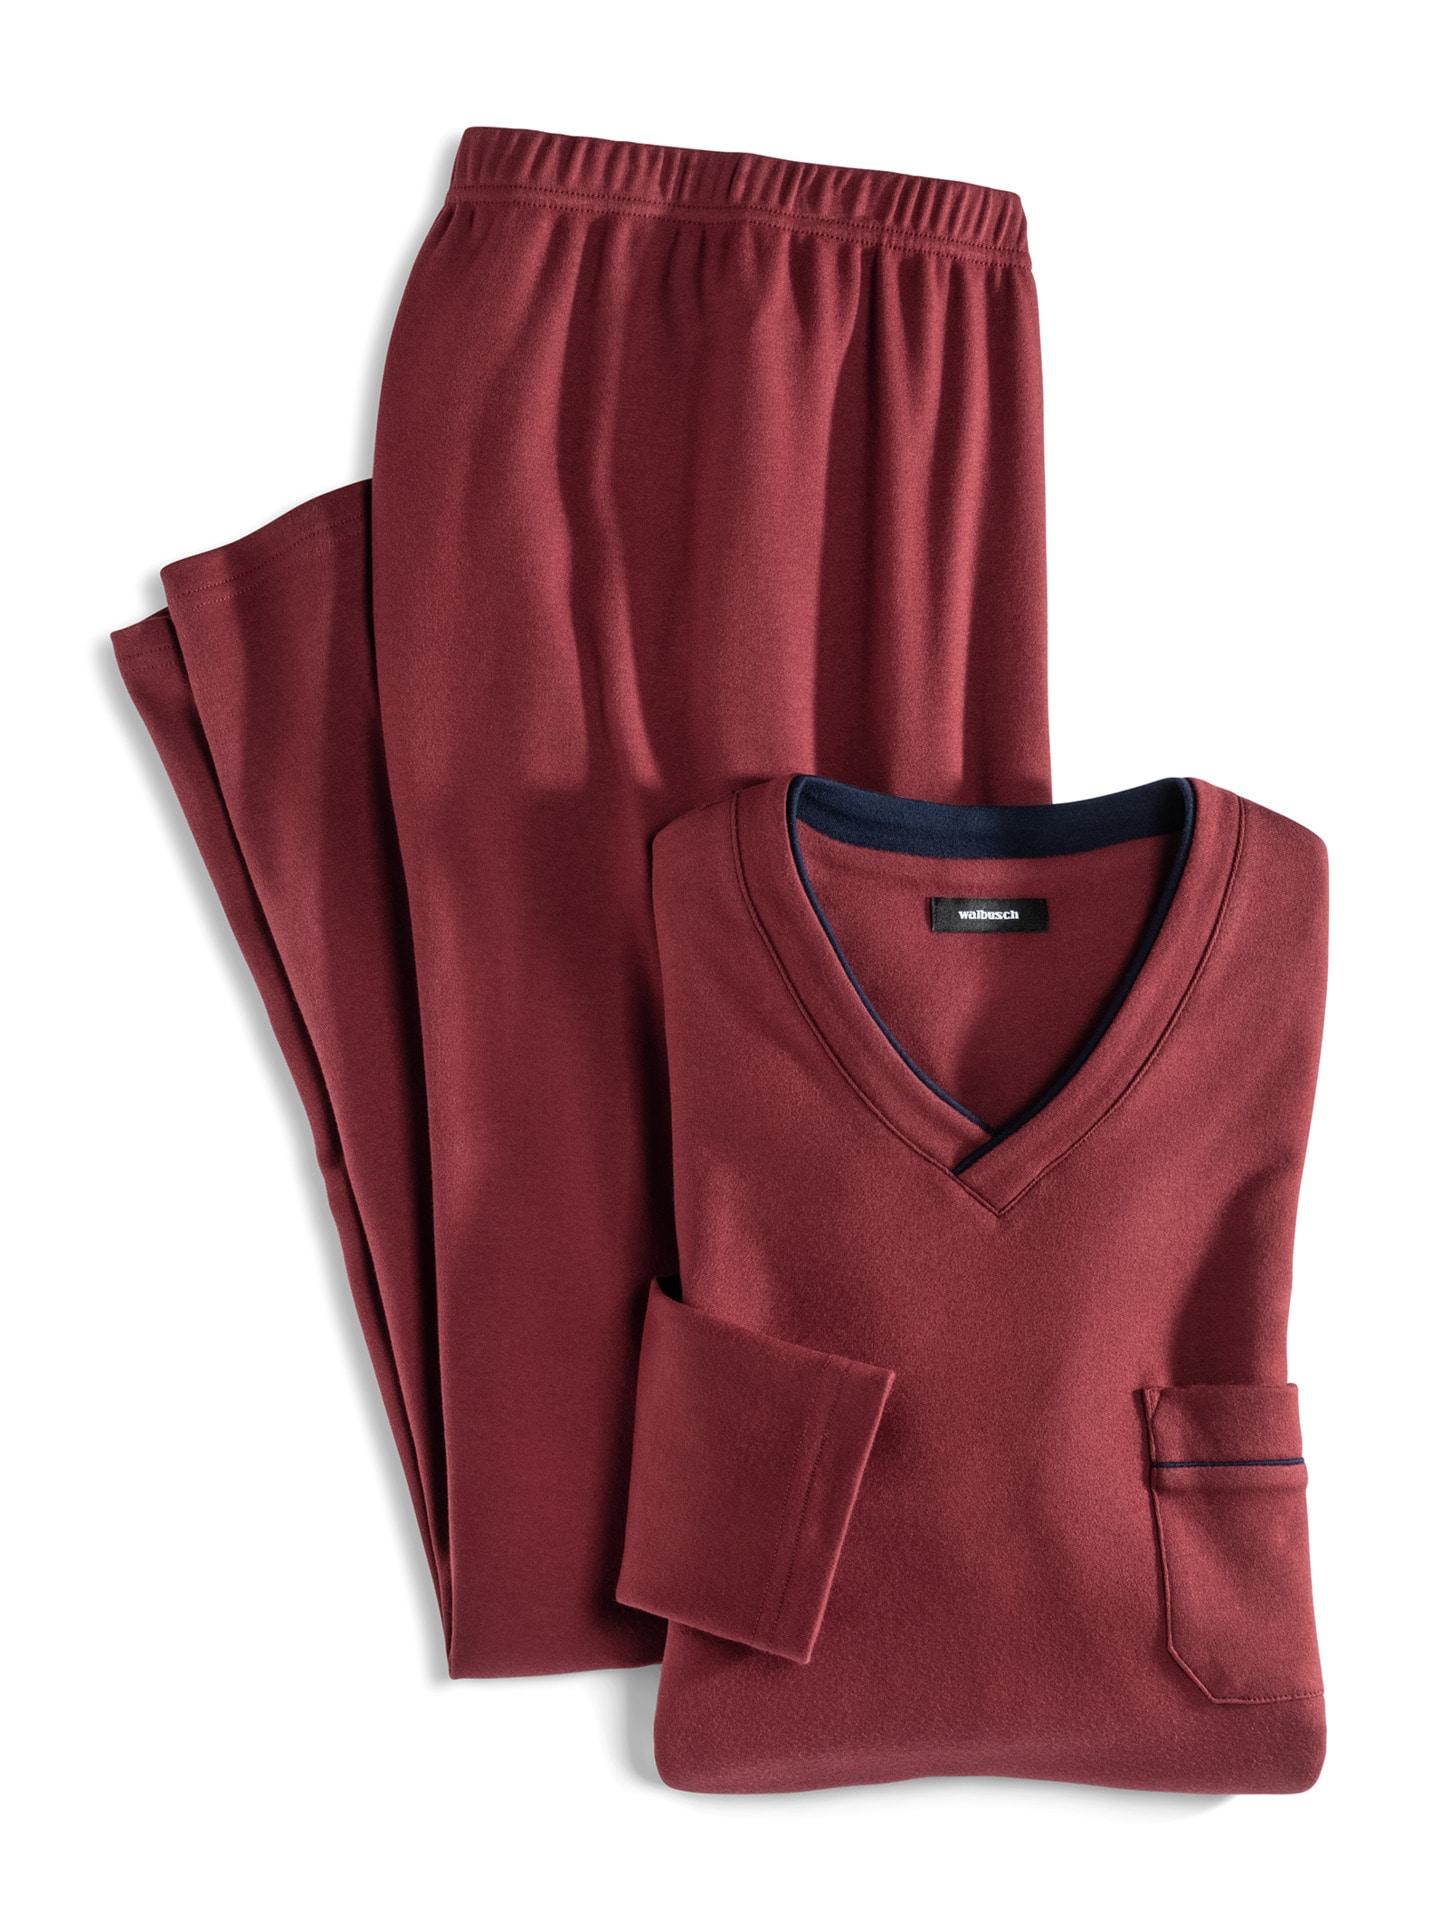 Walbusch Herren Pyjama Rot einfarbig Easycare wärmend 48, 50, 52, 54, 56, 58/60, 62/64 22-1599-0_MV8880